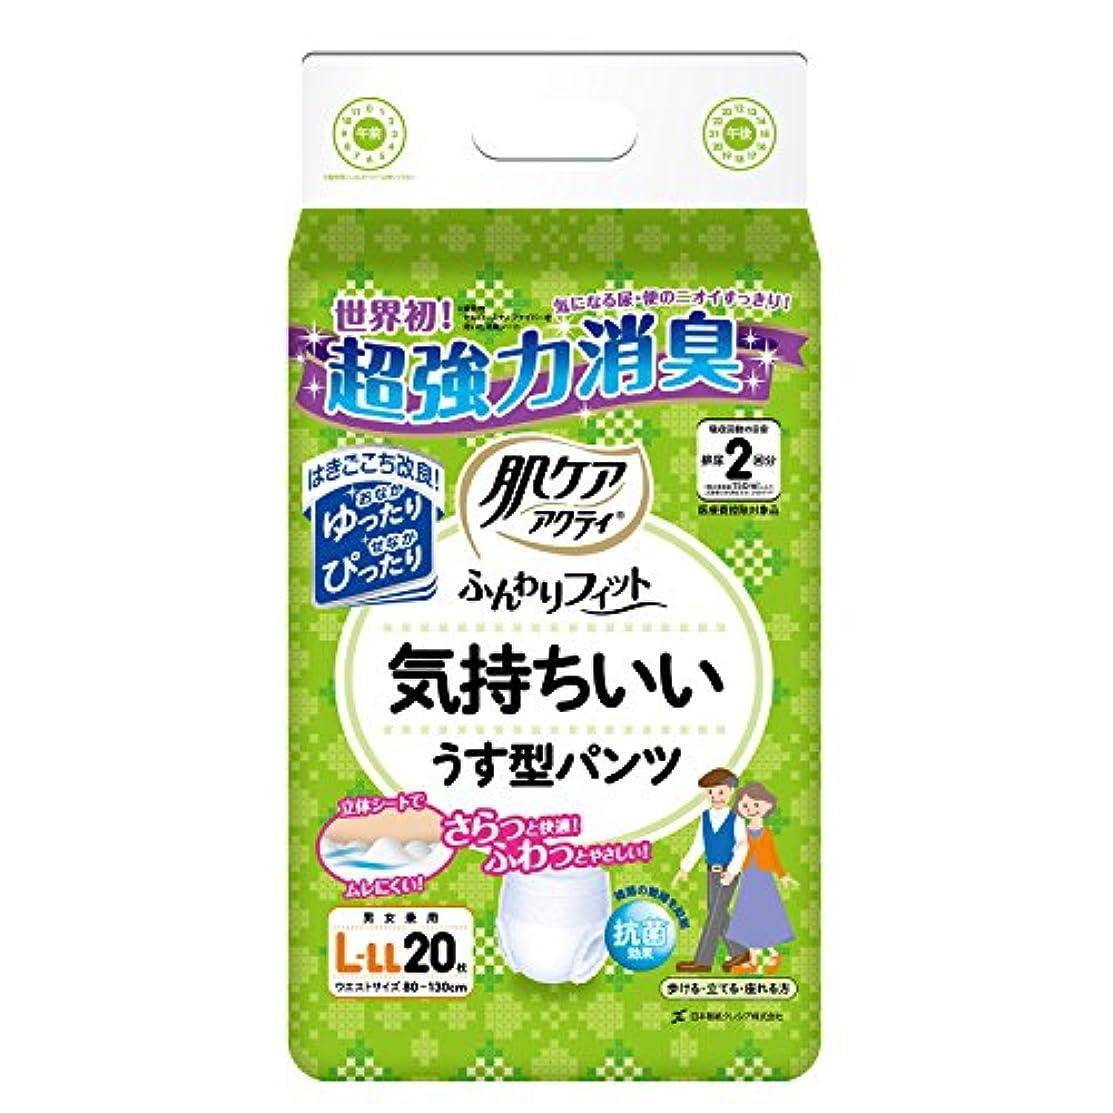 冷蔵庫唇どんよりした日本製紙クレシア 肌ケア アクティ ふんわりフィット気持ちいい うす型パンツ L-LLサイズ 20枚×4 (80枚)【無地ダンボール仕様】 85254